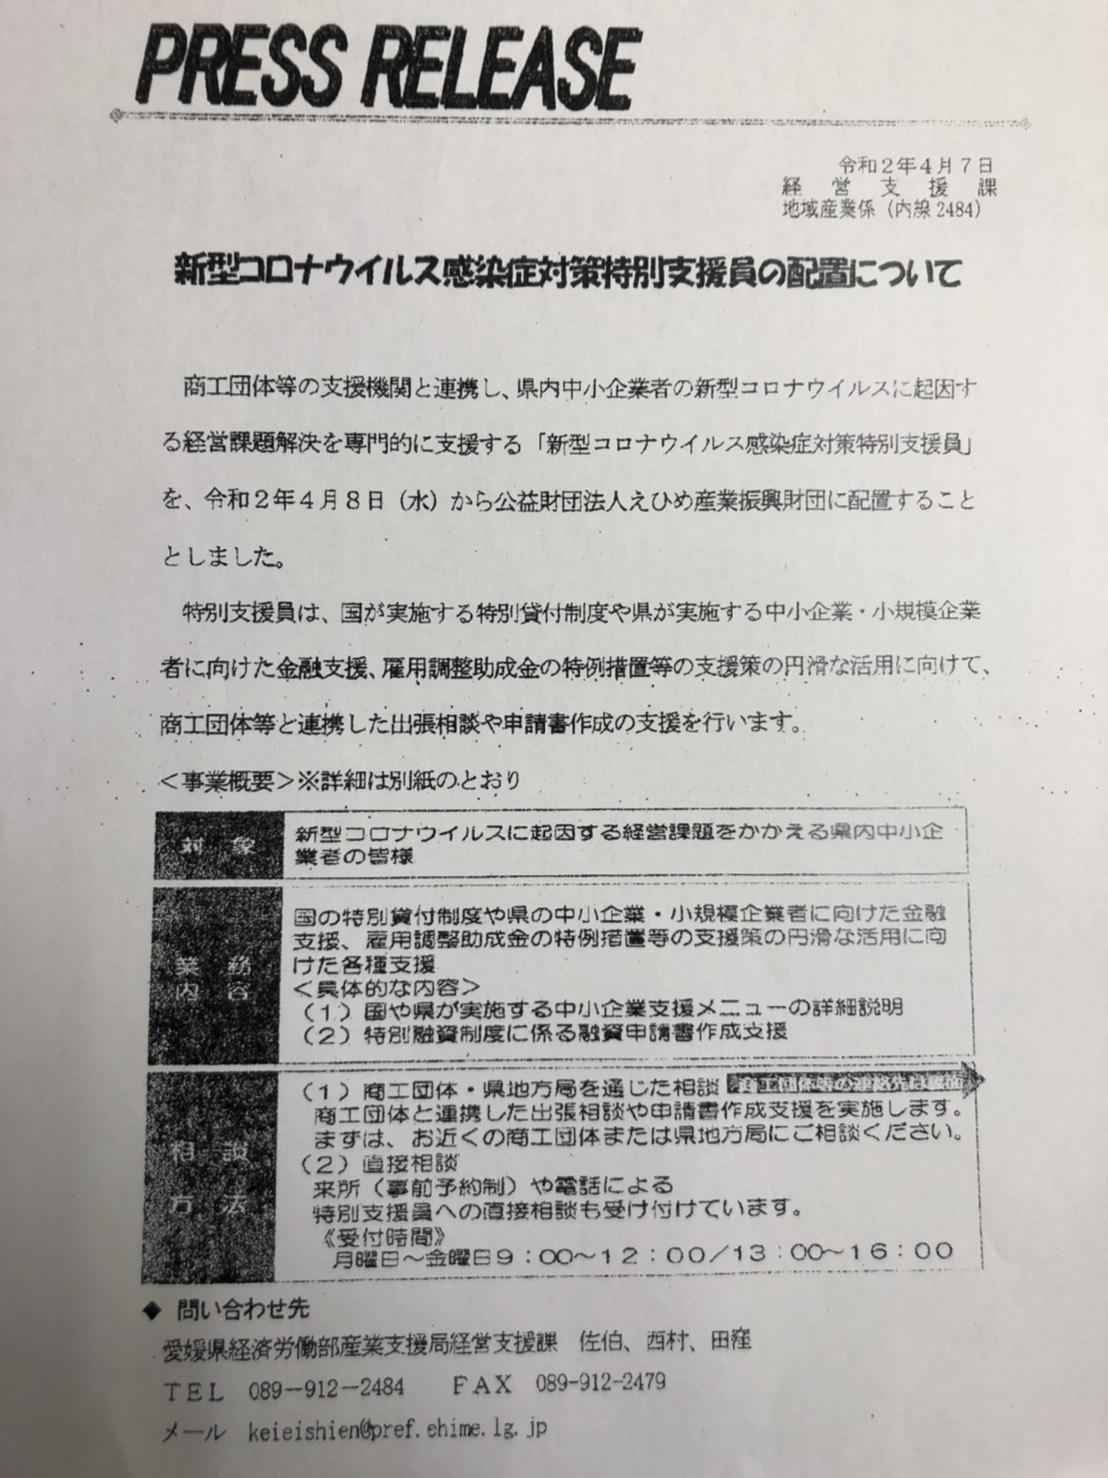 【愛媛コロナウィルス状況 4月7日 20時】